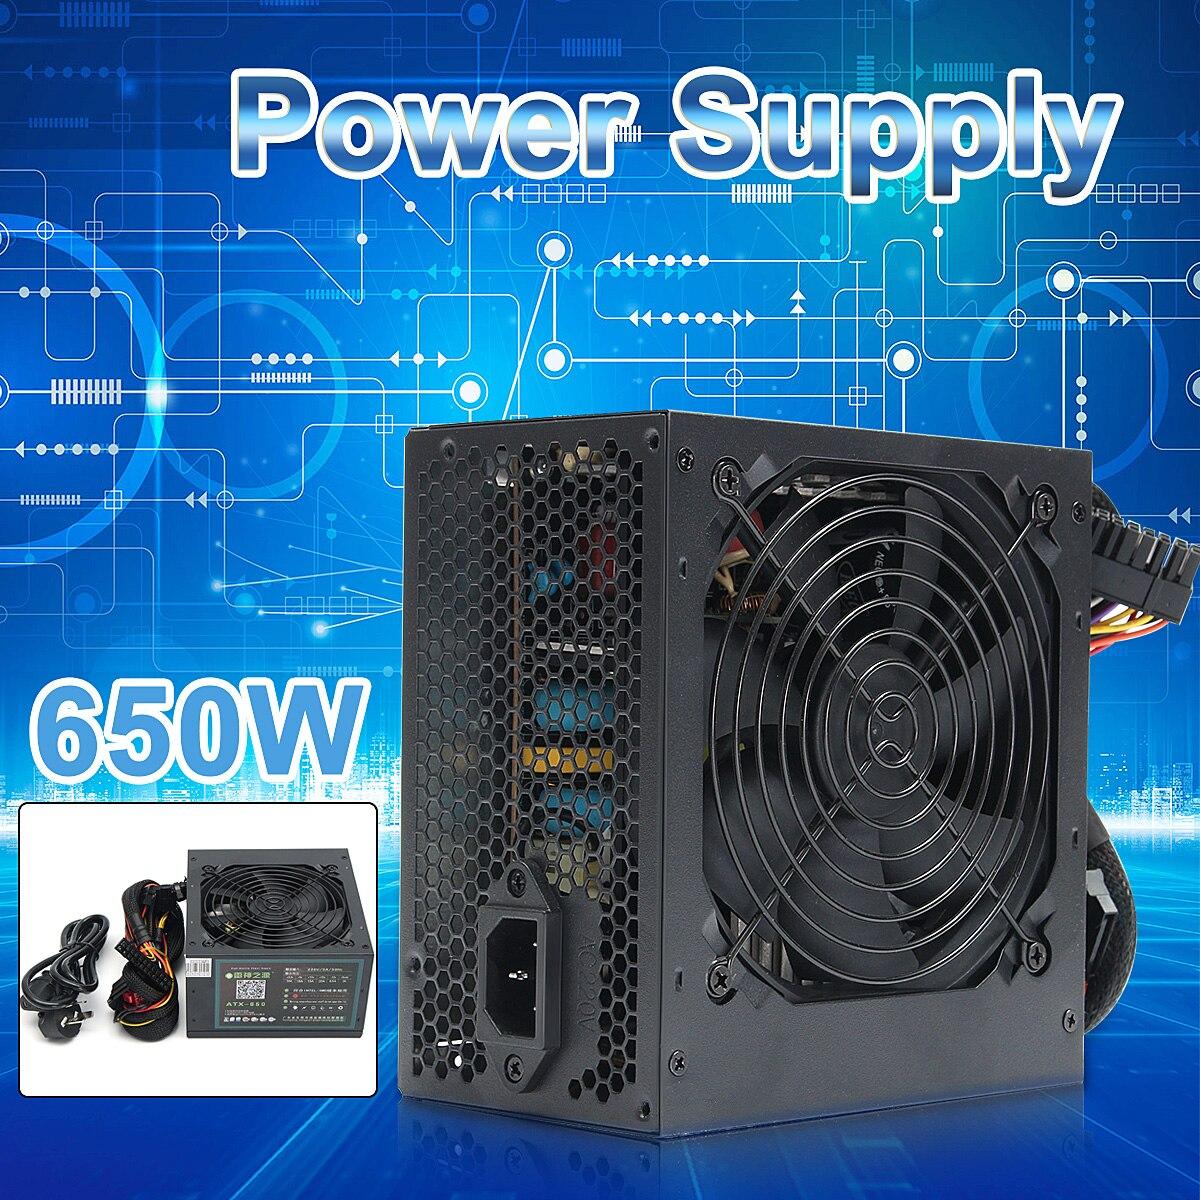 650 W 350 W Peak-PSU ATX 12 V Gaming PC fuente de alimentación 24Pin/Sata 12 cm ventilador fuente de alimentación de la computadora para BTC